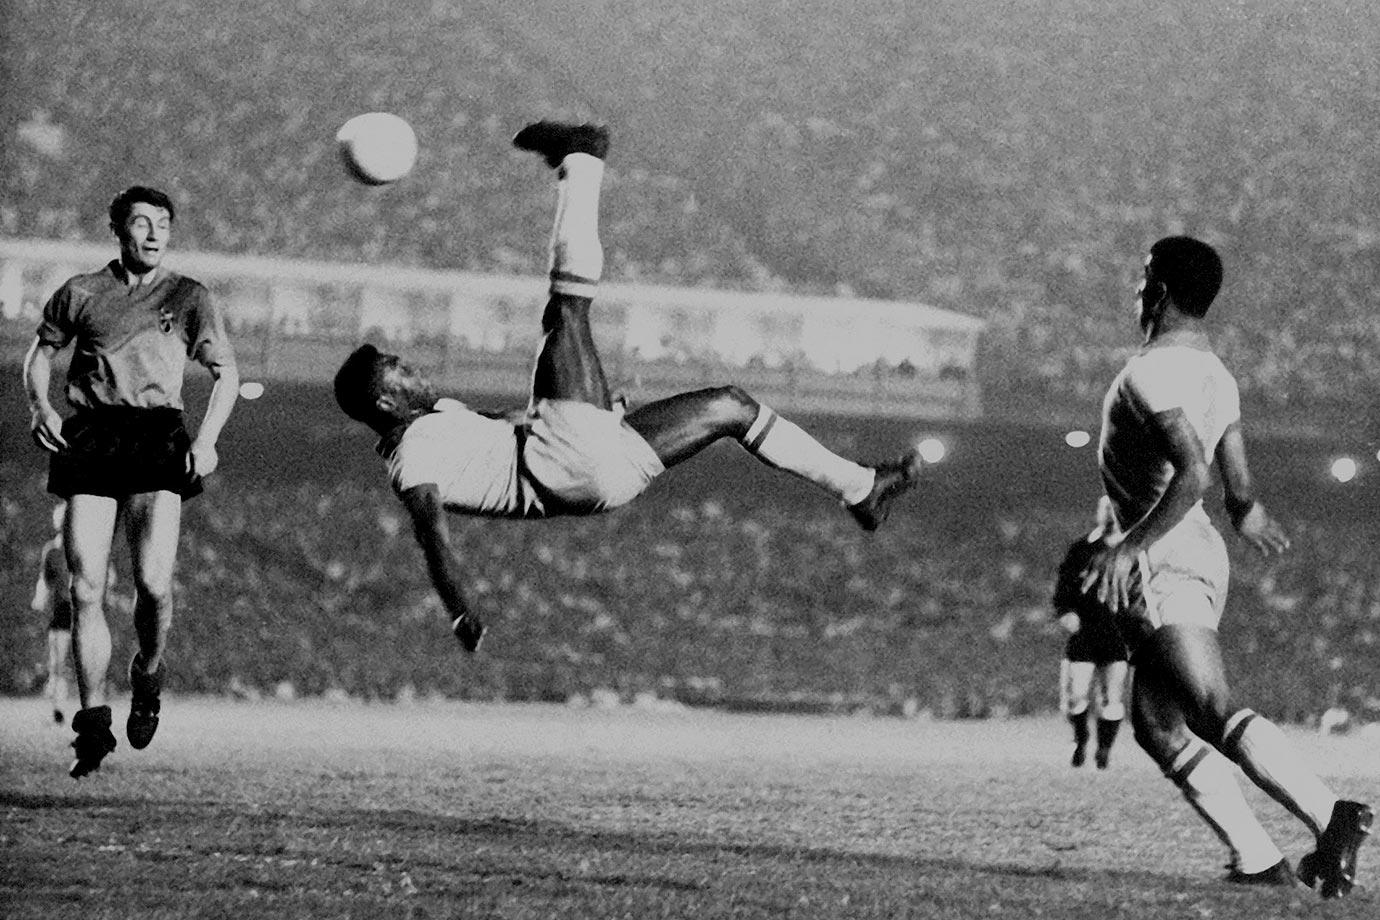 1968-Pele.jpg